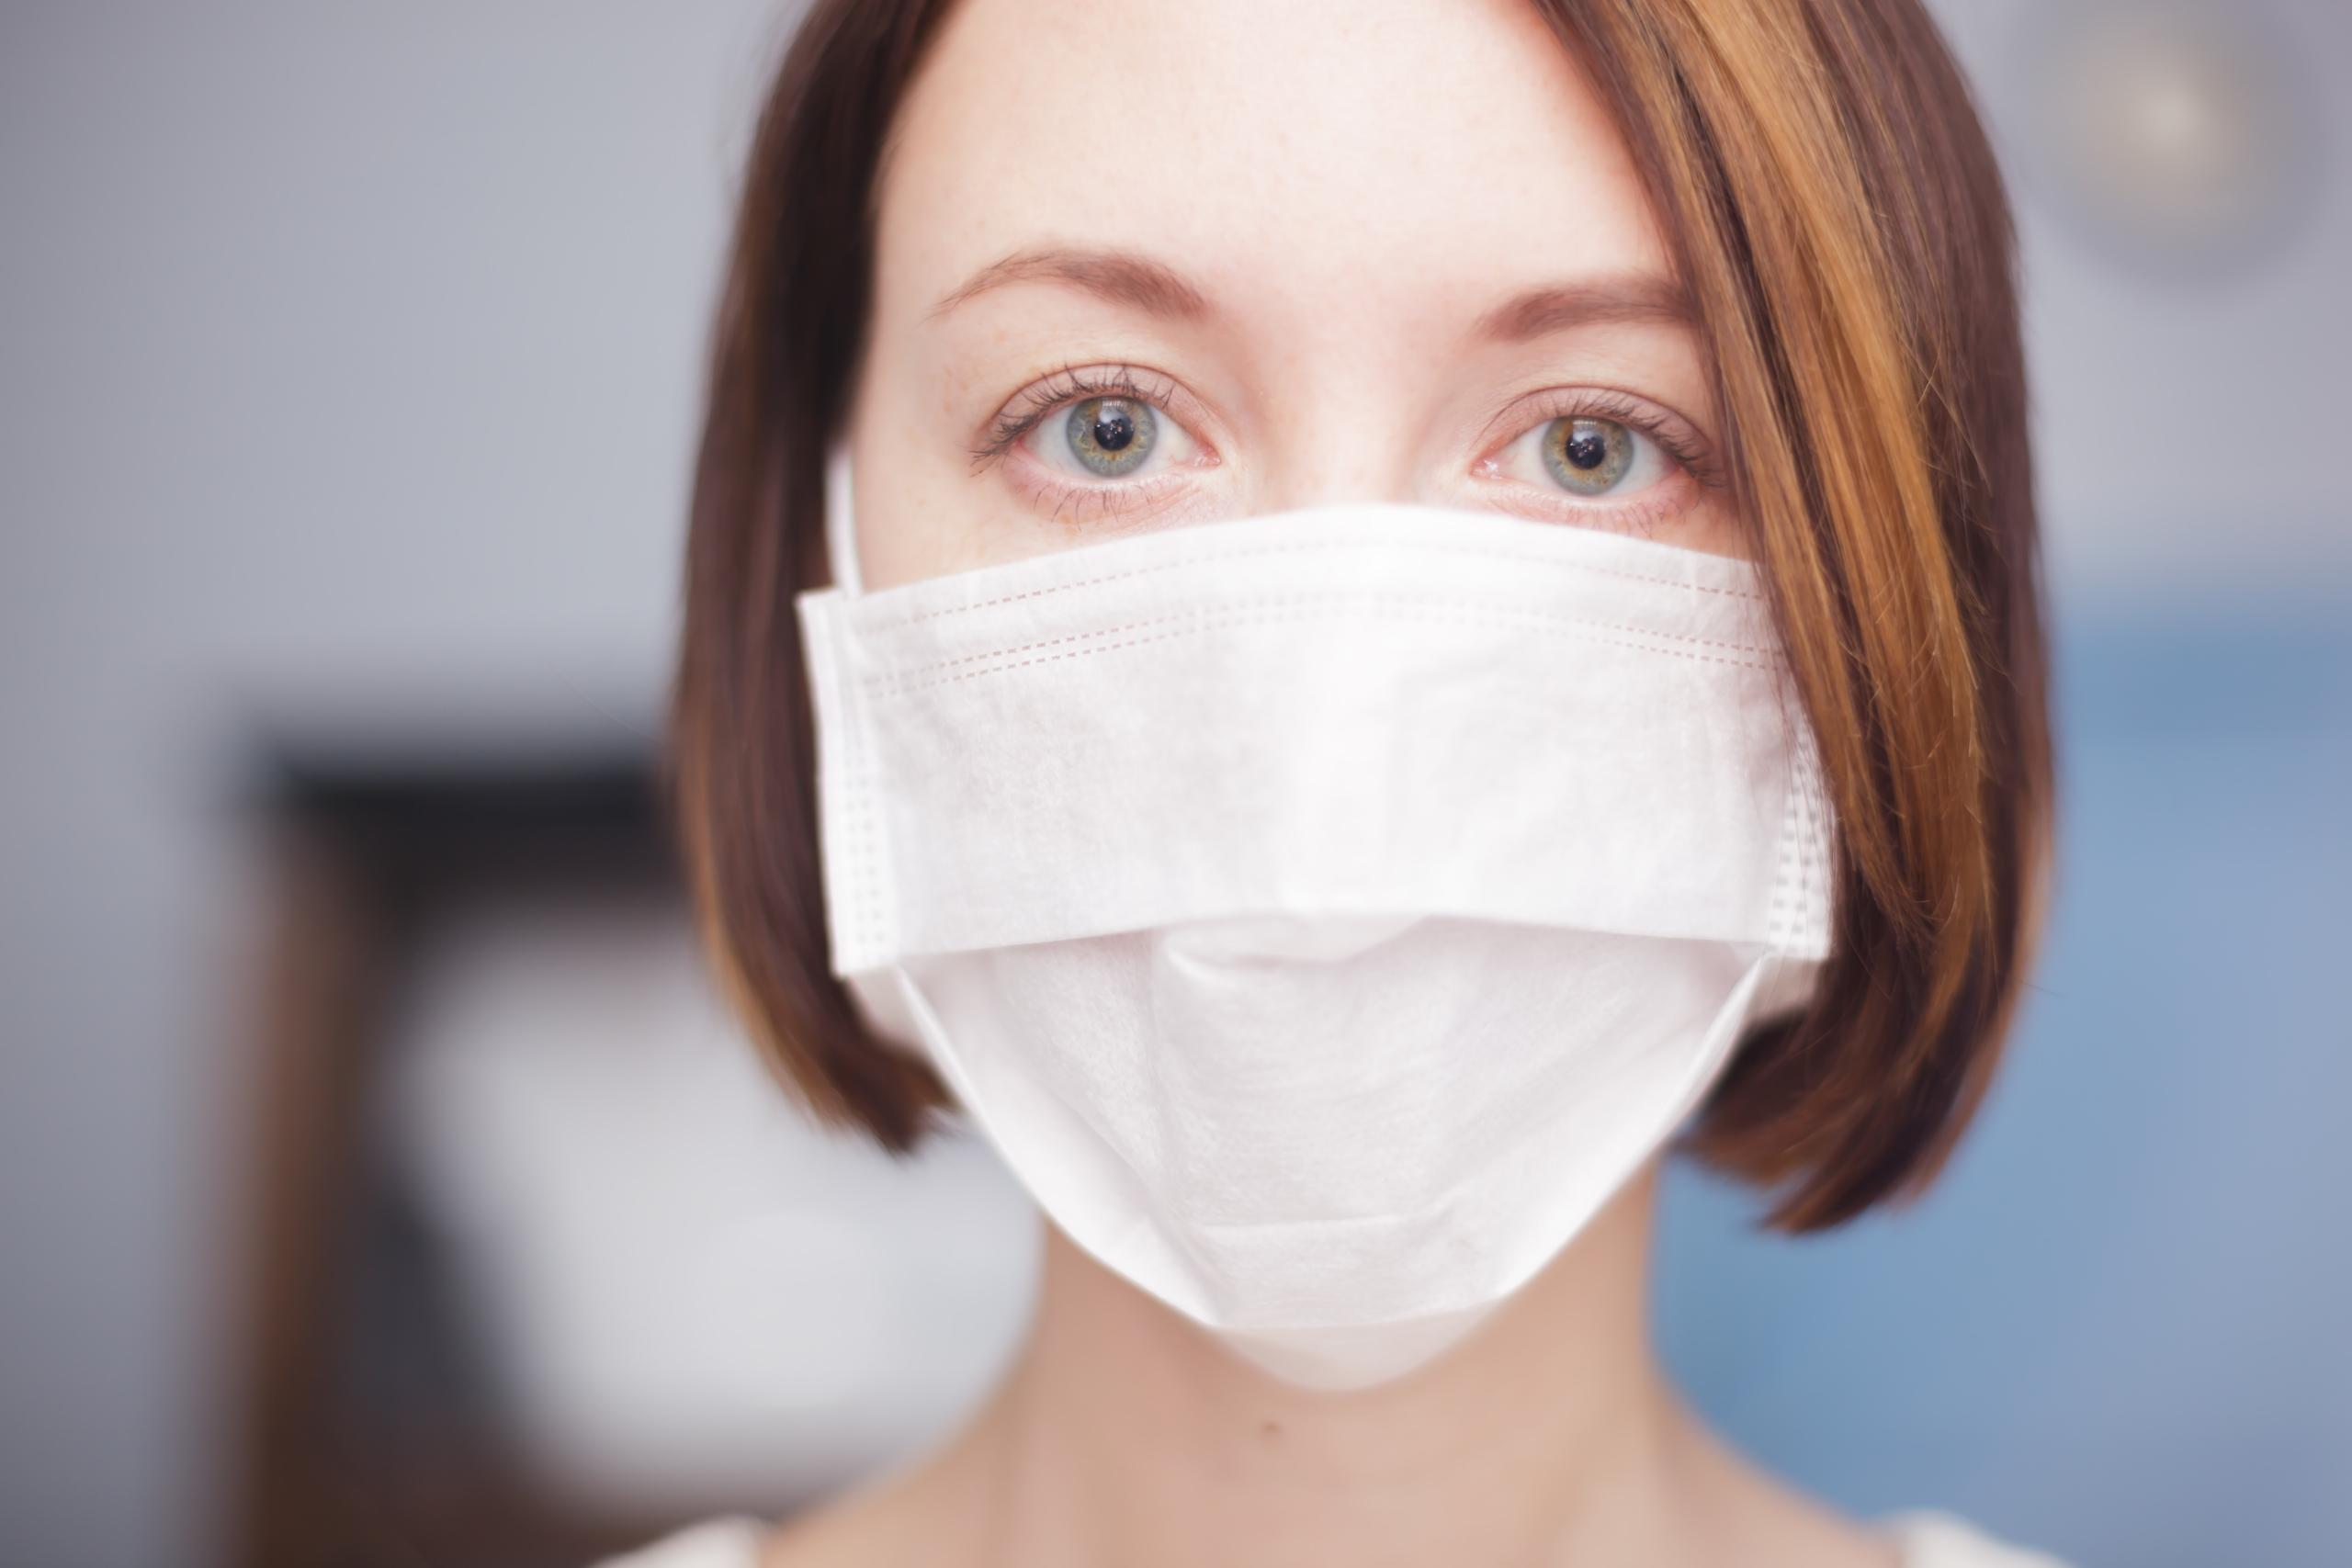 Nadzwyczajny Komisarz ds. Zarządzania Kryzysowego, Doktor Domenico Arcuri, ogłosił, że także farmaceutom przyznane zostaną maseczki ochronne(fot. Shutterstock).